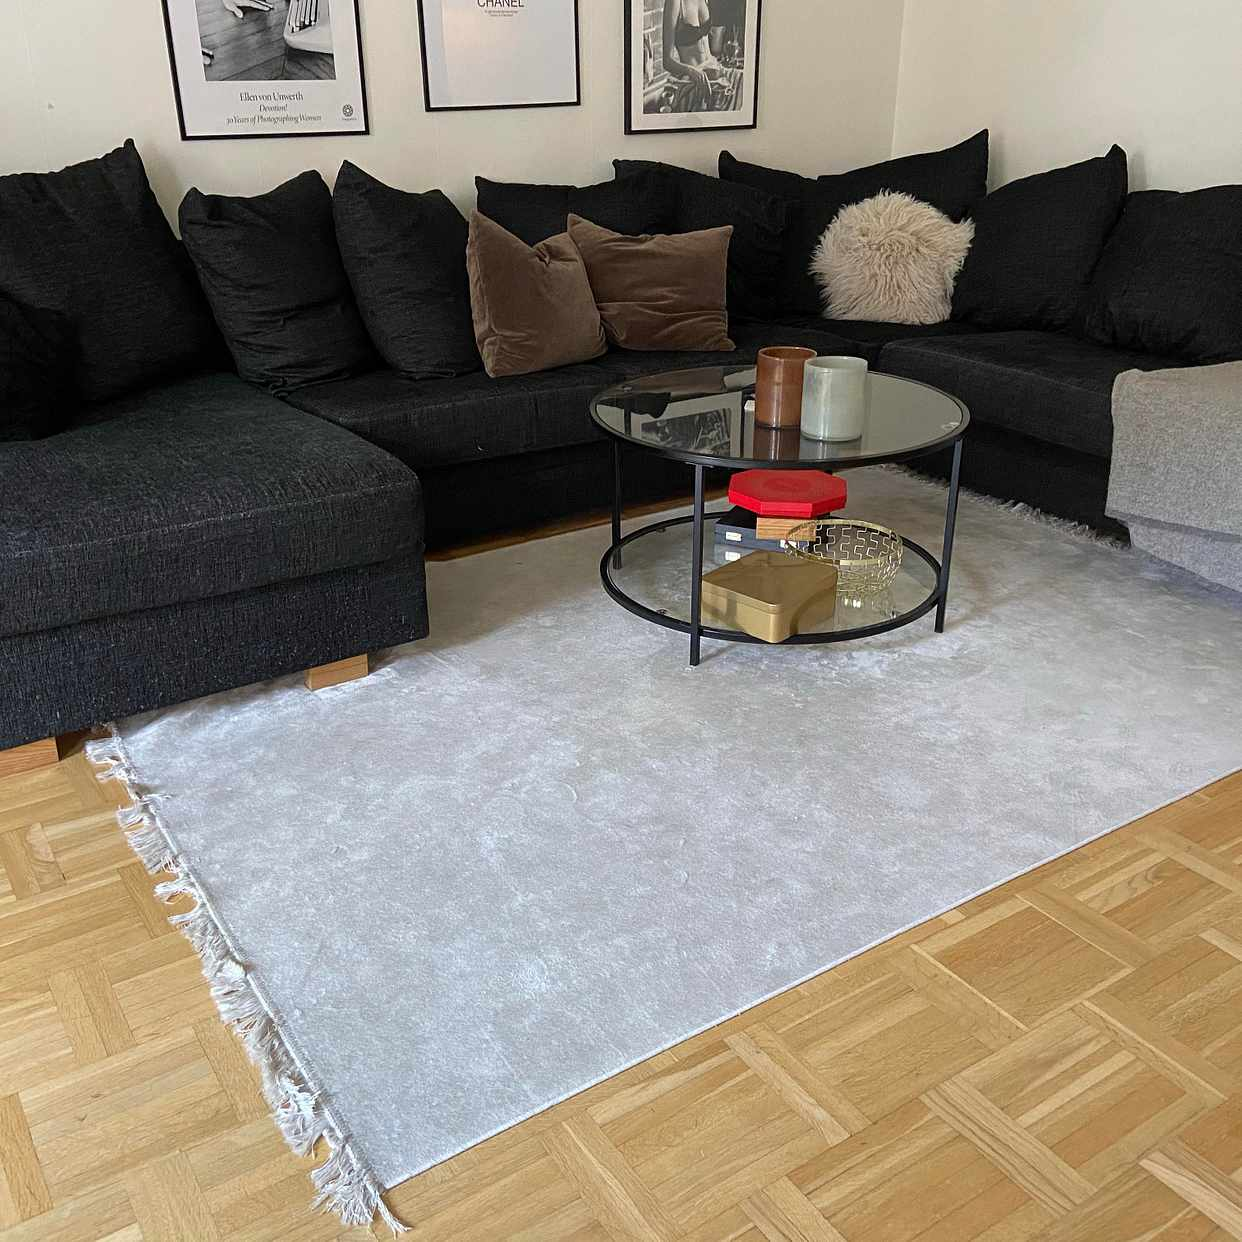 image of Hämta soffa, bom nyckel - Göteborg